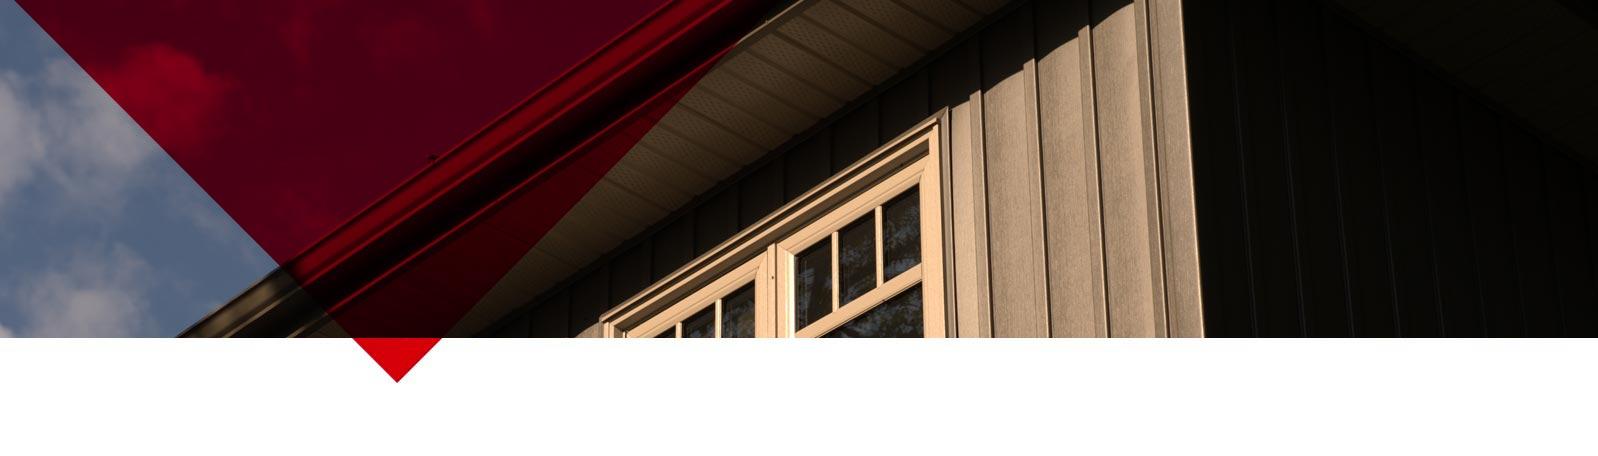 Exterior Doors Installation Calgary on pre hung doors installation, window installation, door jamb installation, exterior house doors, basement door installation, sliding door installation, home depot door installation, pocket doors installation, skylight installation, exterior double doors, exterior storm doors, exterior french doors, exterior steel doors, front door installation, screen door installation, patio door installation, exterior window, exterior railings, exterior home, exterior front doors,